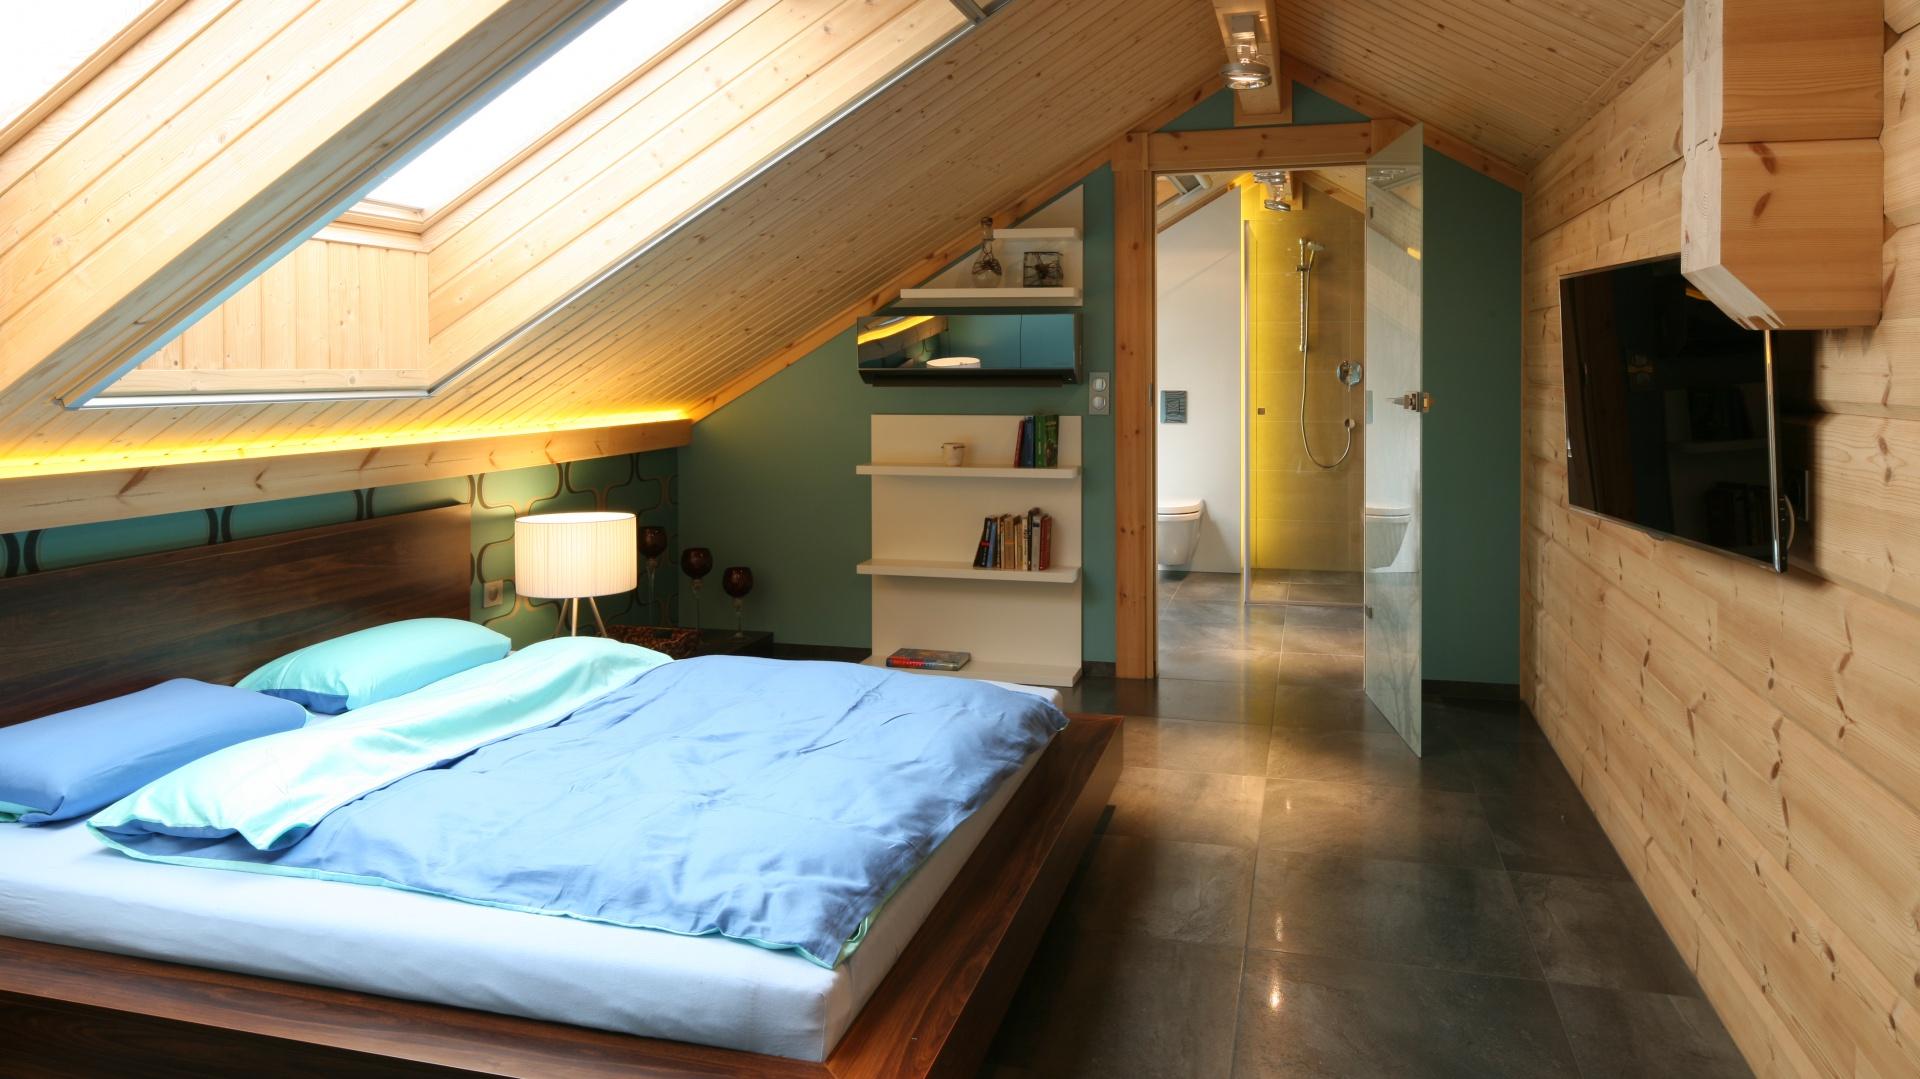 Sypialnia Z łazienką 10 Pięknych Wnętrz